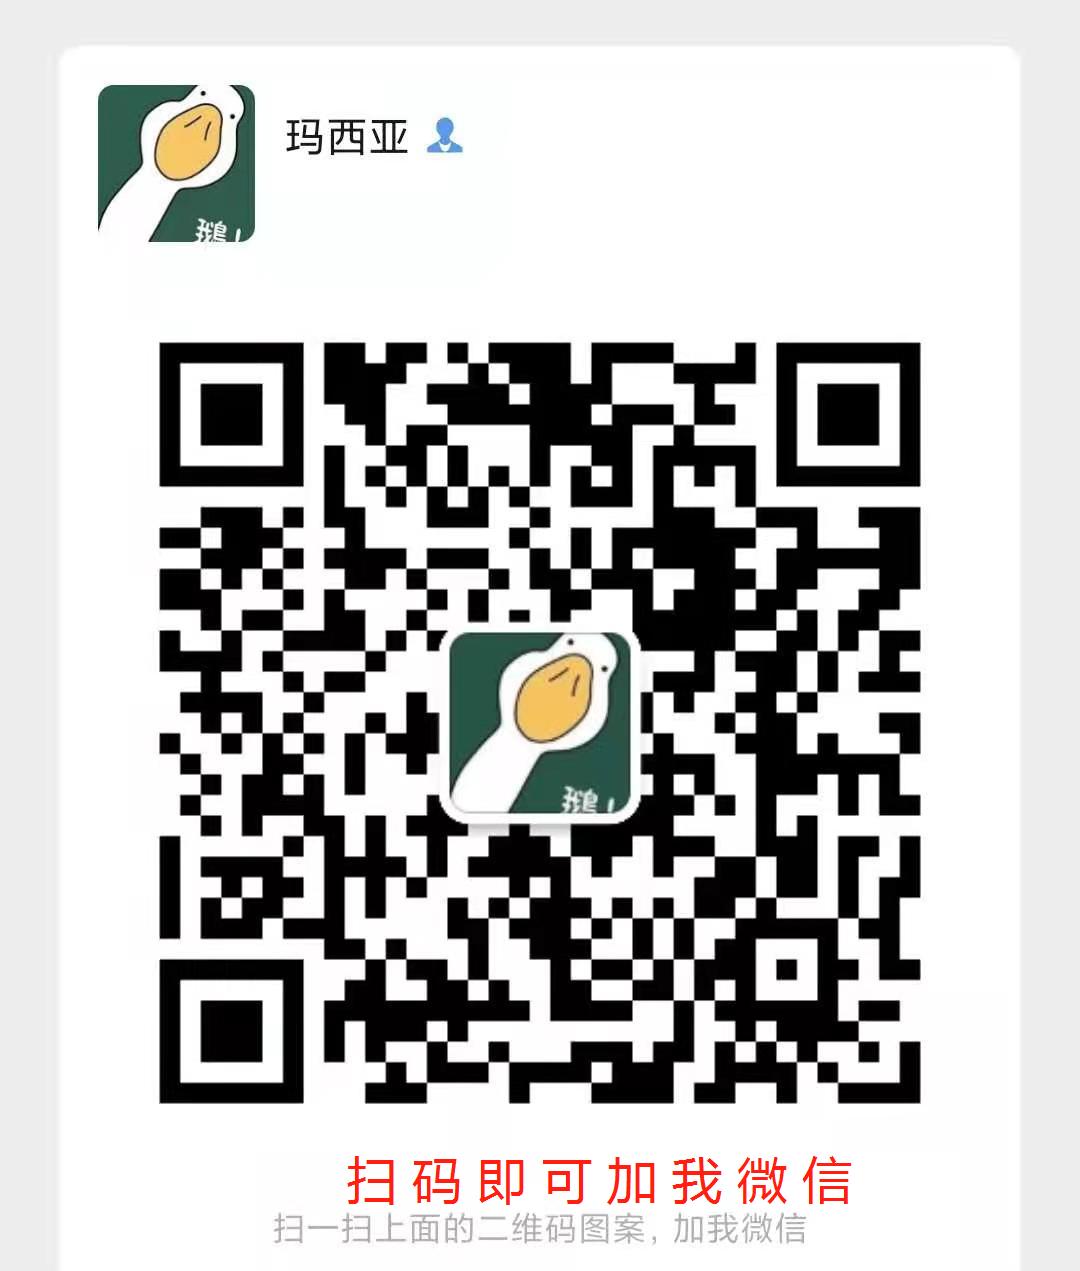 重庆市南川区建筑预算员